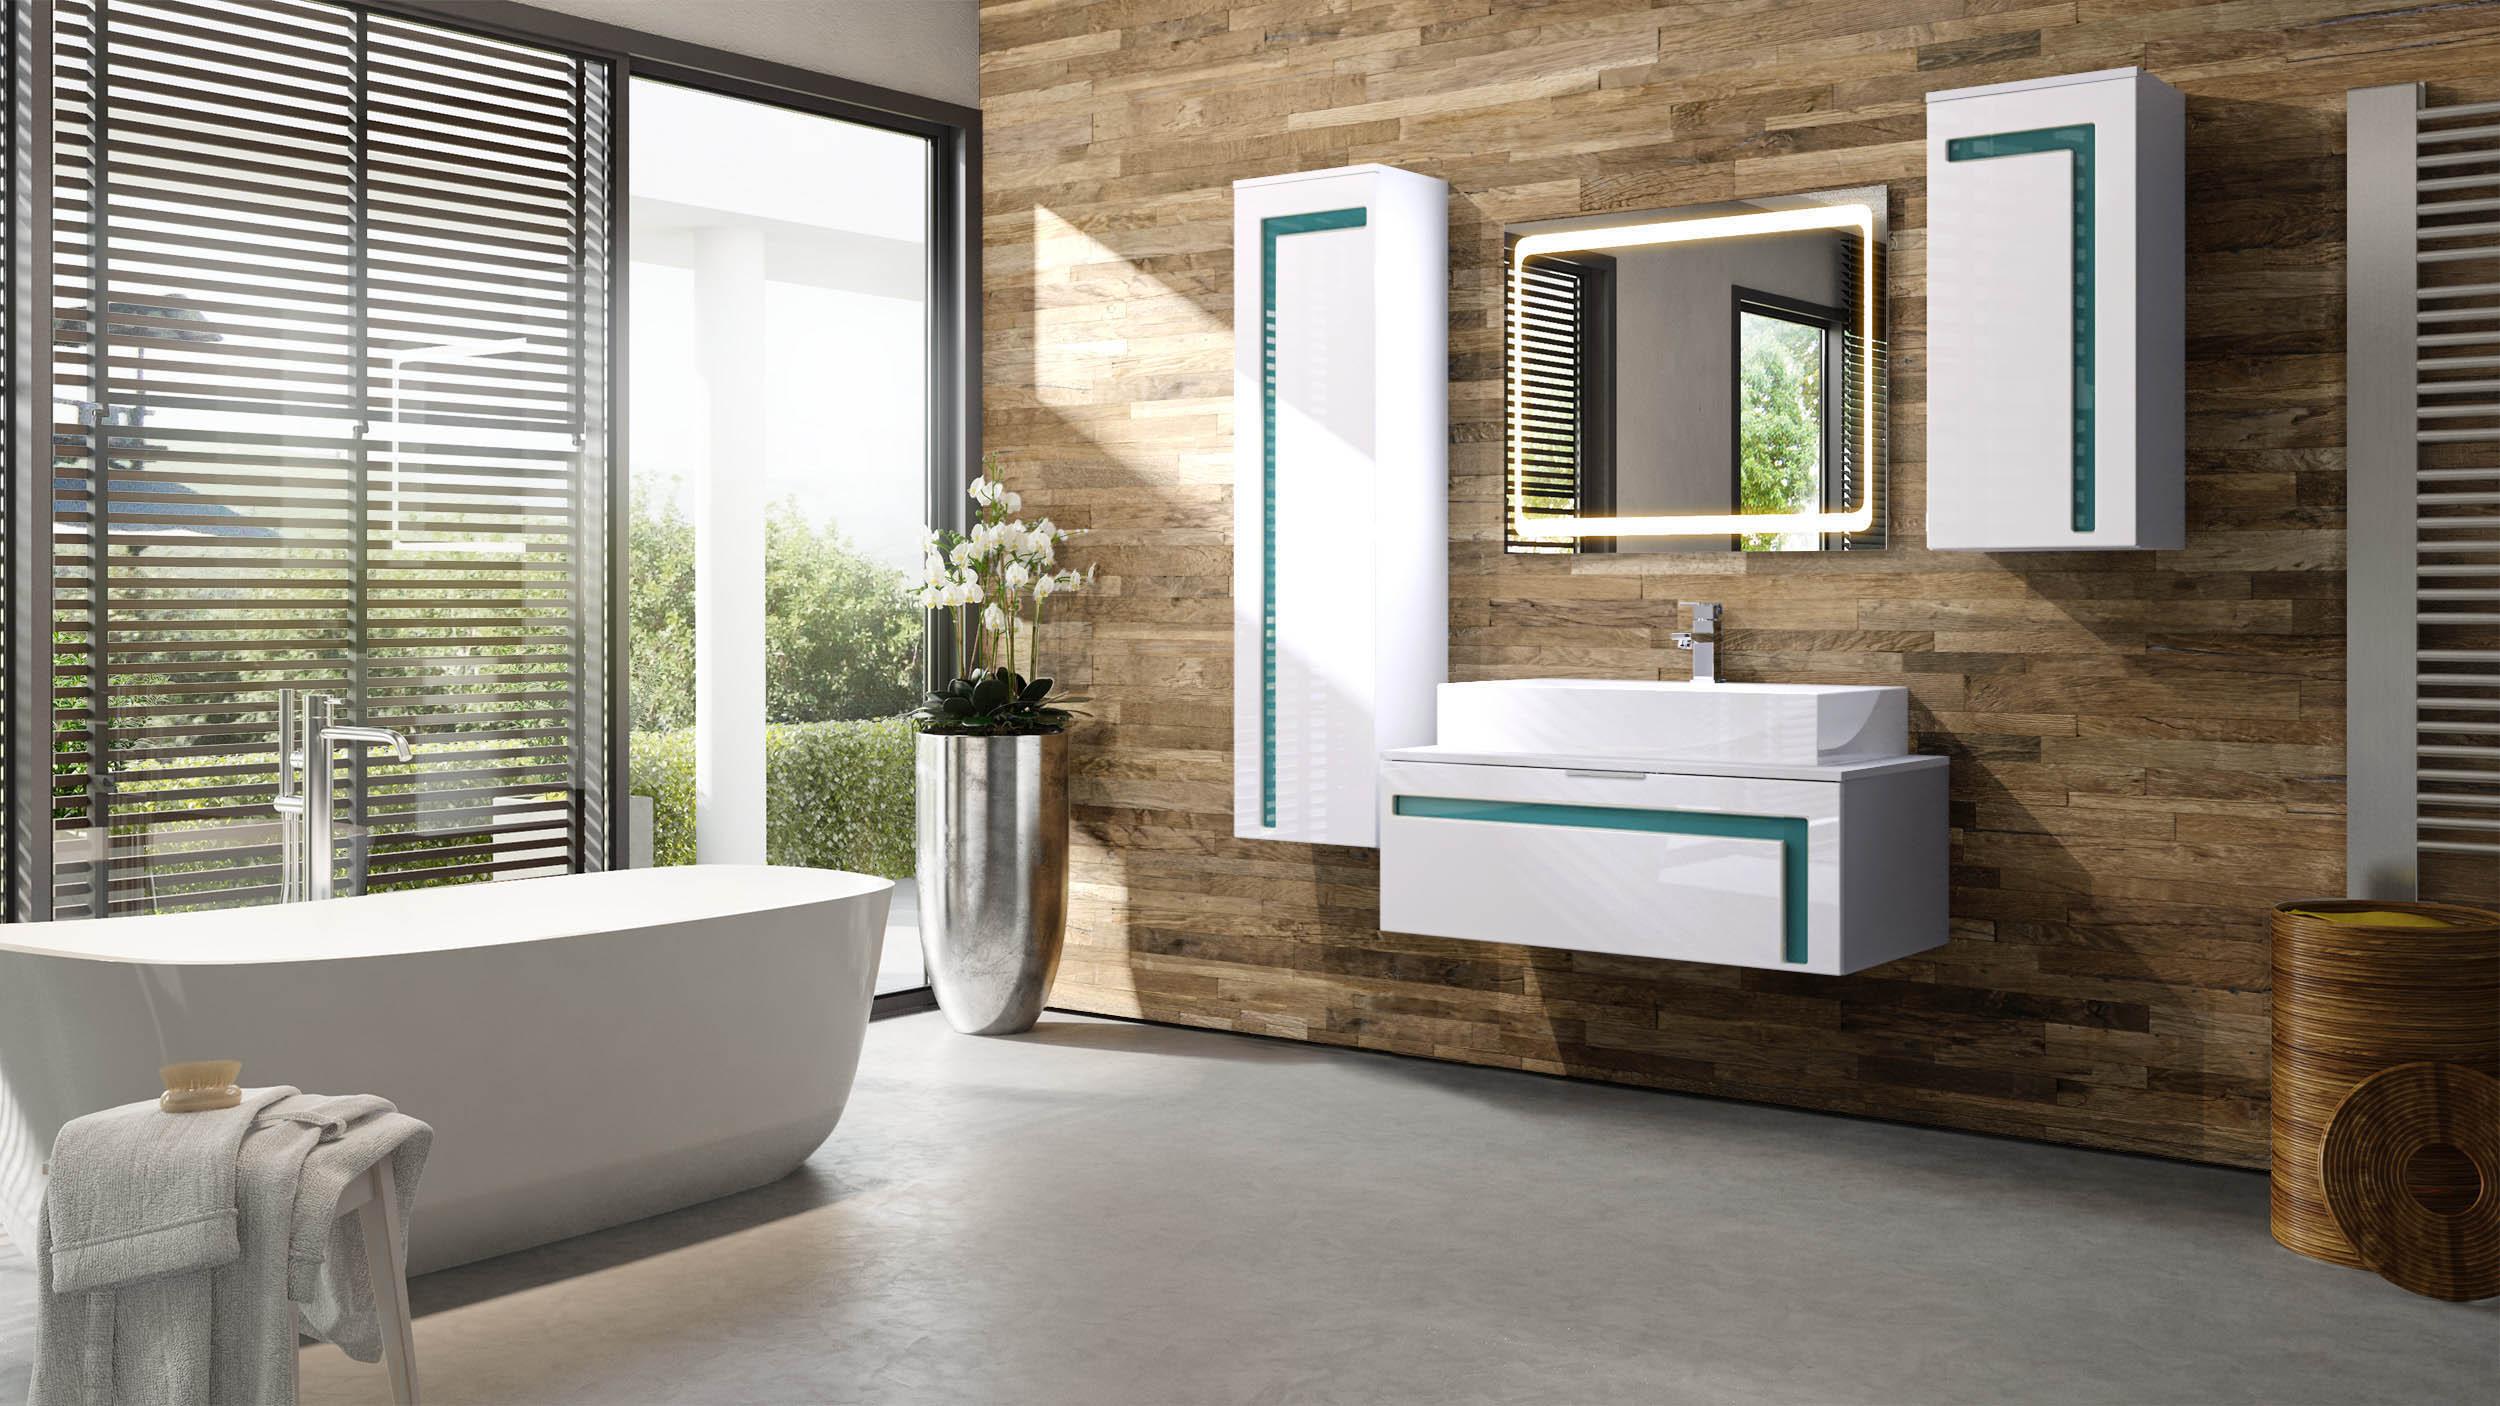 Salle de bain armoire lavabo meuble sous vasque miroir led - Meuble sous vasque de salle de bain ...